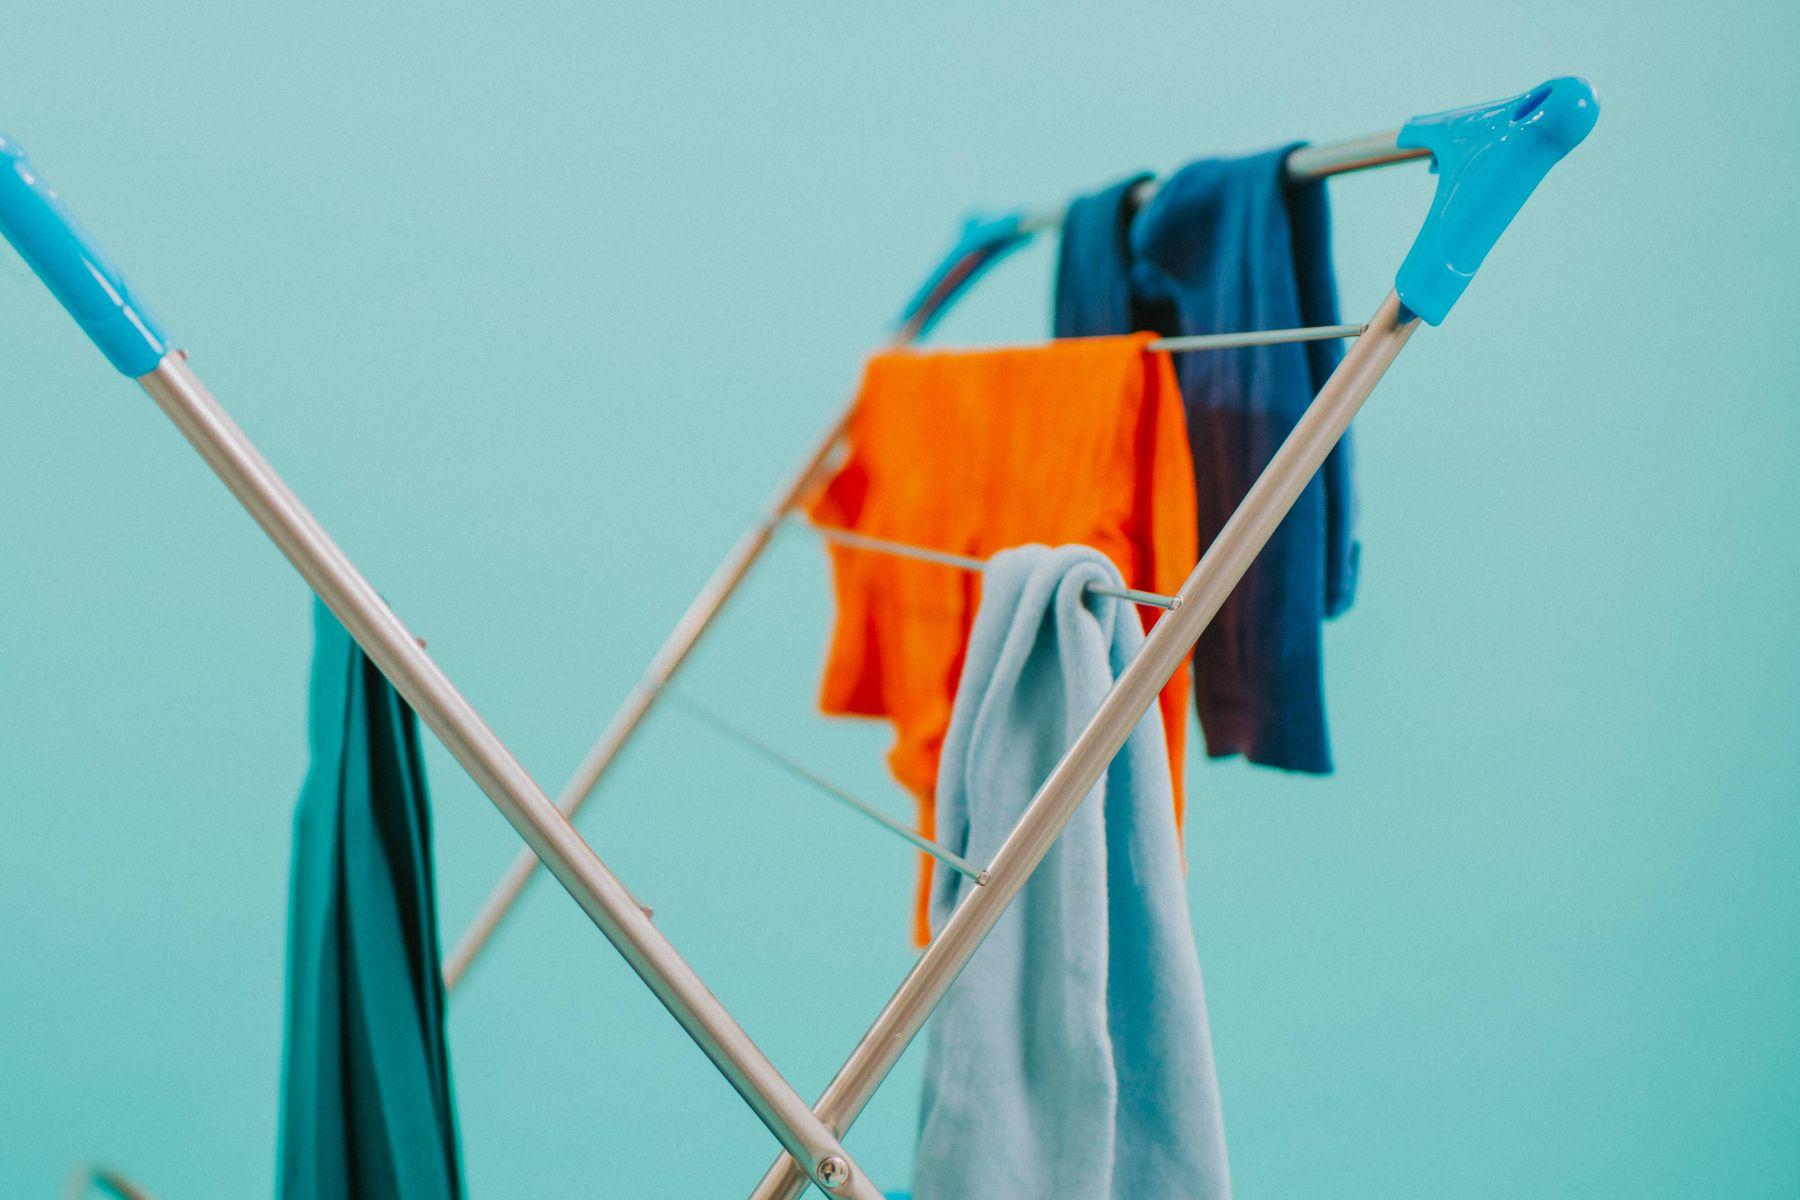 Roupas esportivas coloridas penduradas em um varal de chão